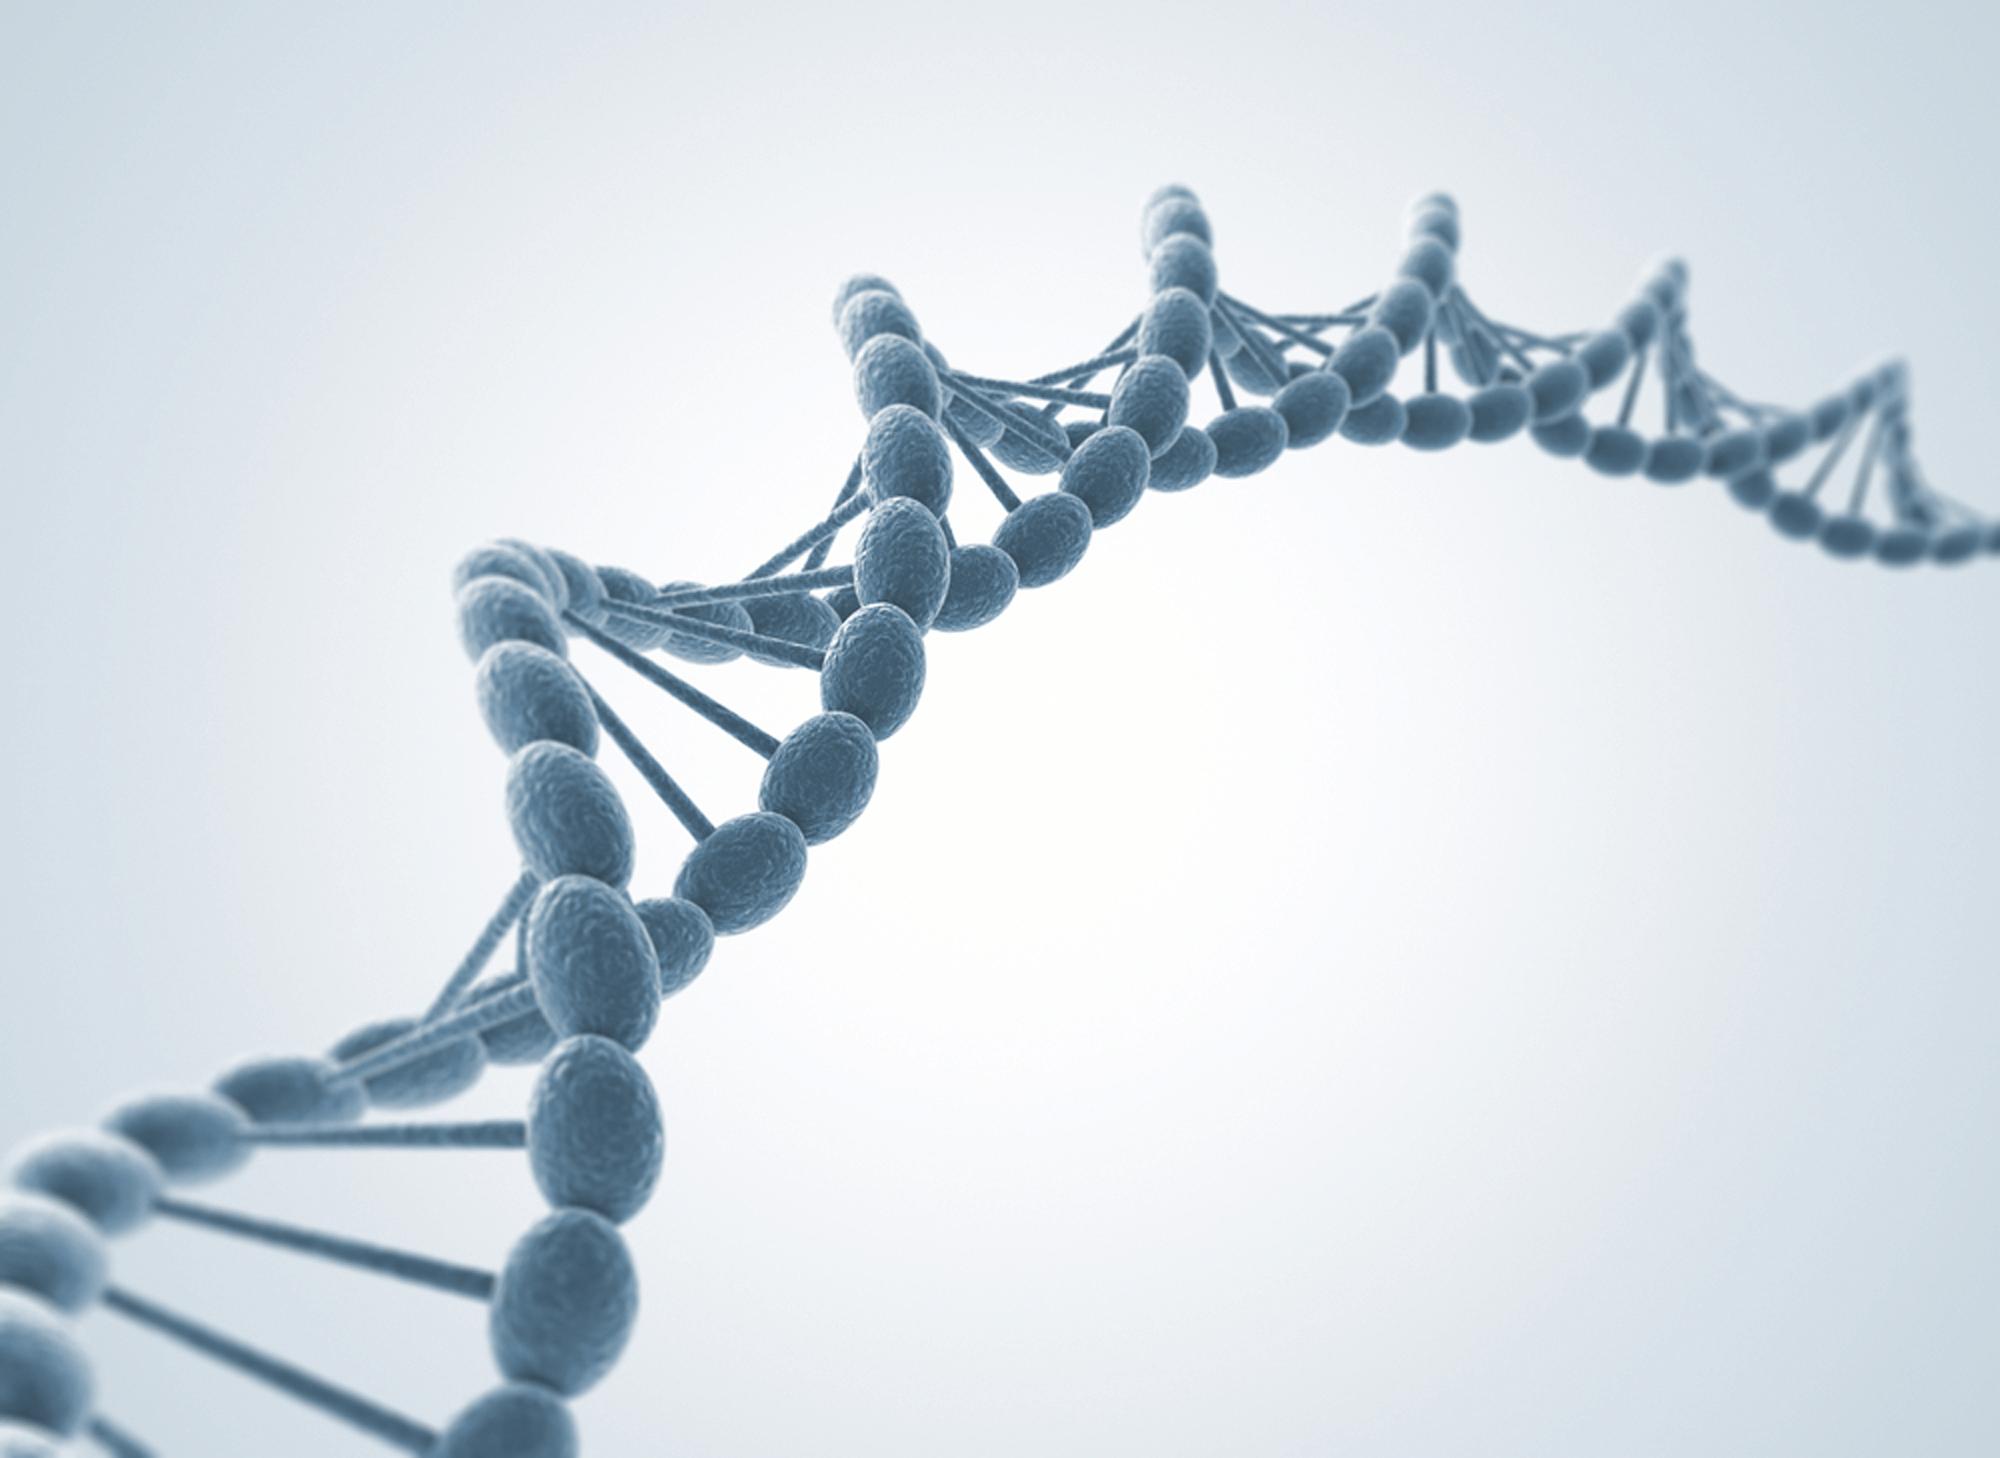 Continu verbeteren: van virus naar DNA  | 10 manieren voor succes